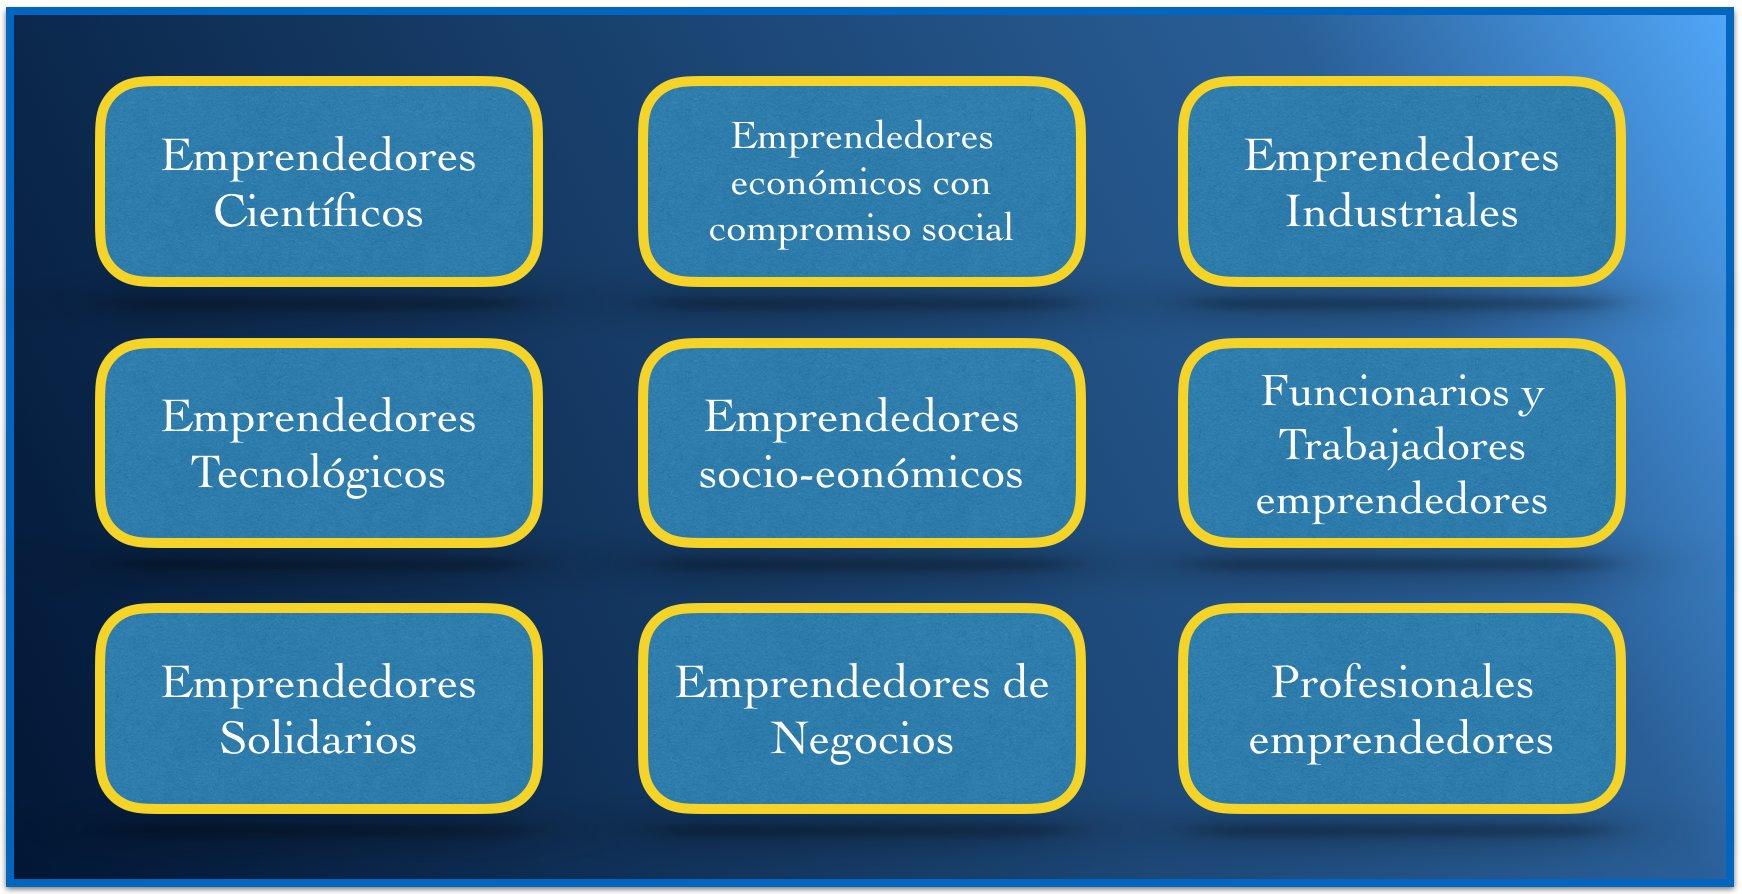 Emprenedores